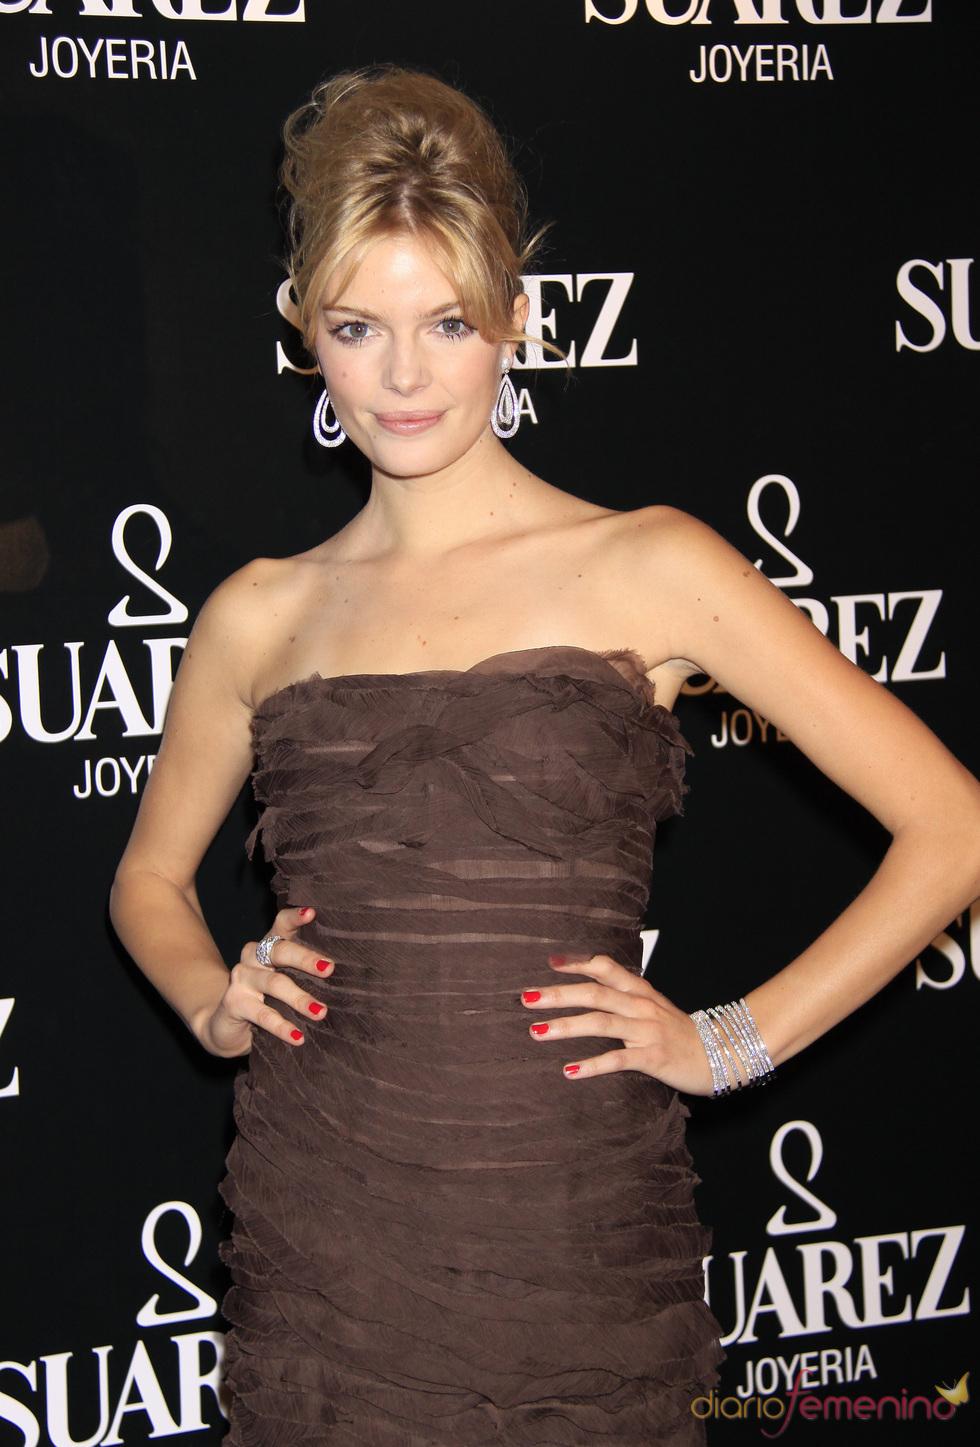 La modelo española Cristina Tosío